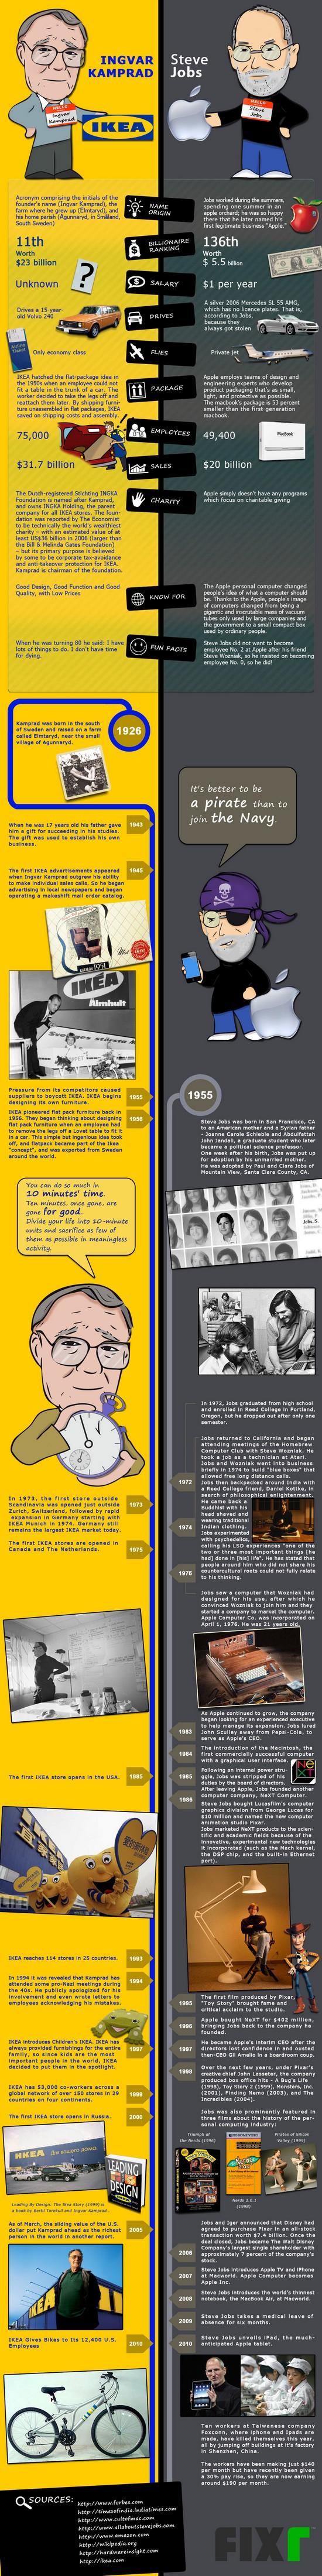 IKEA versus Apple – Ingvar Kamprad versus Steve Jobs